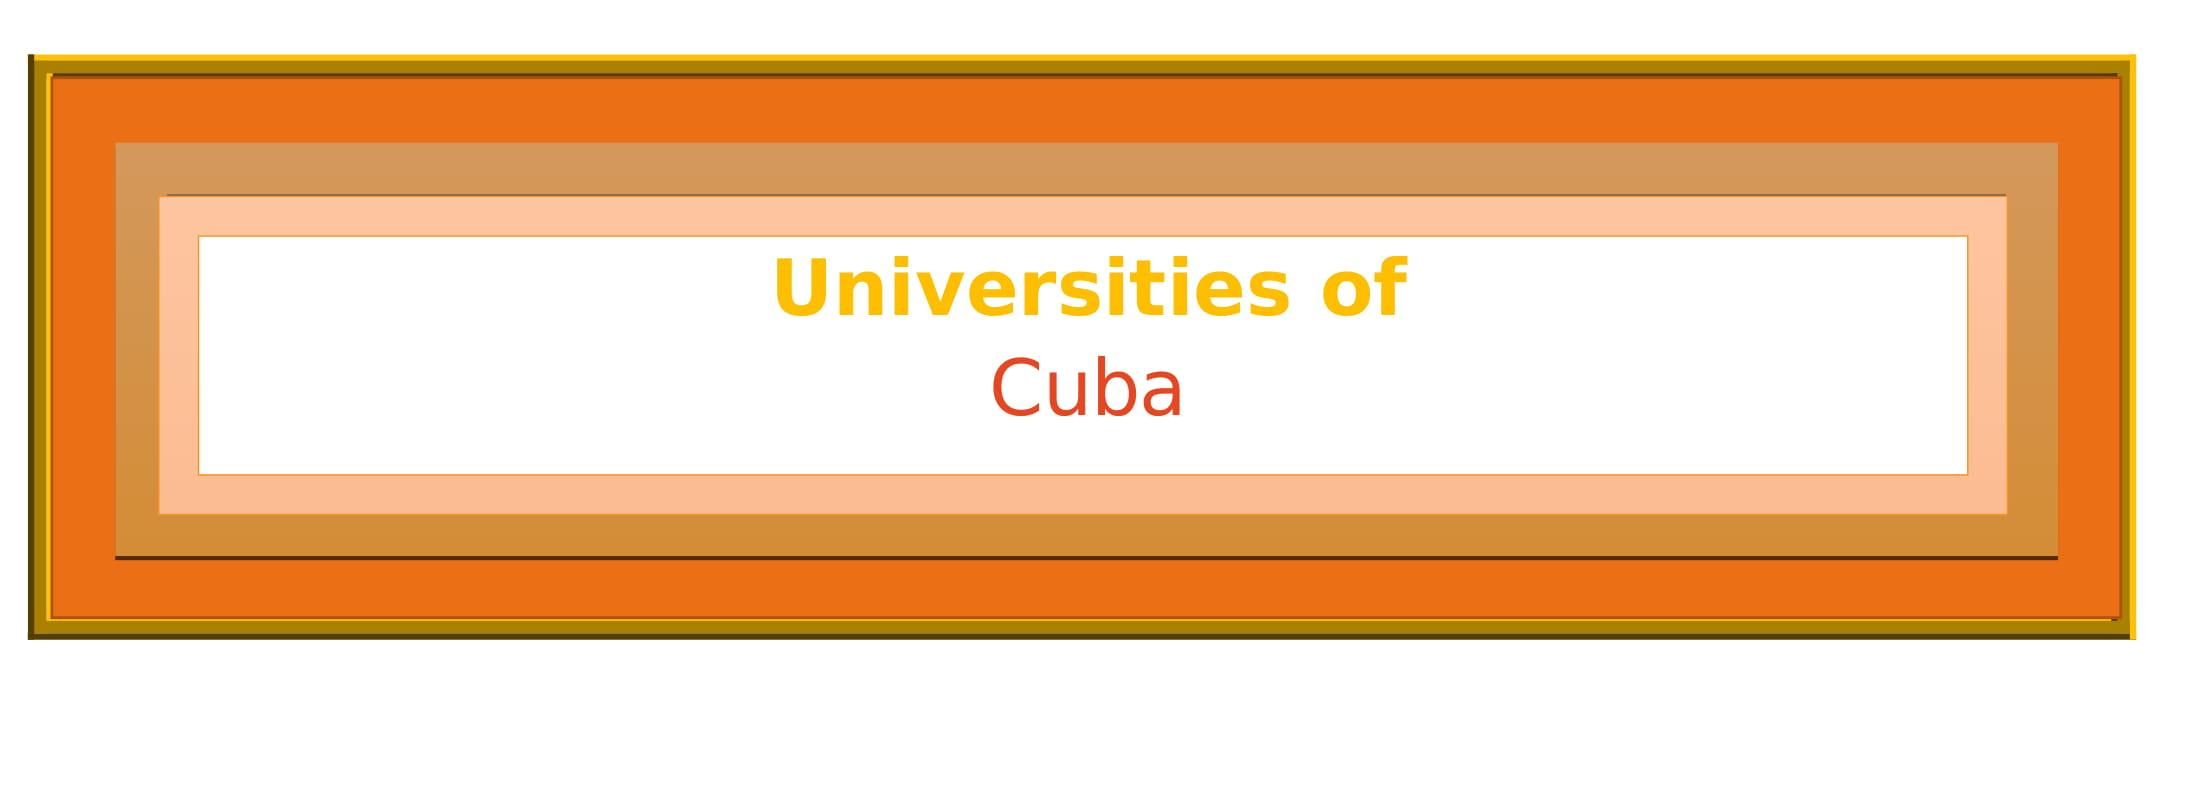 List of Universities in Cuba